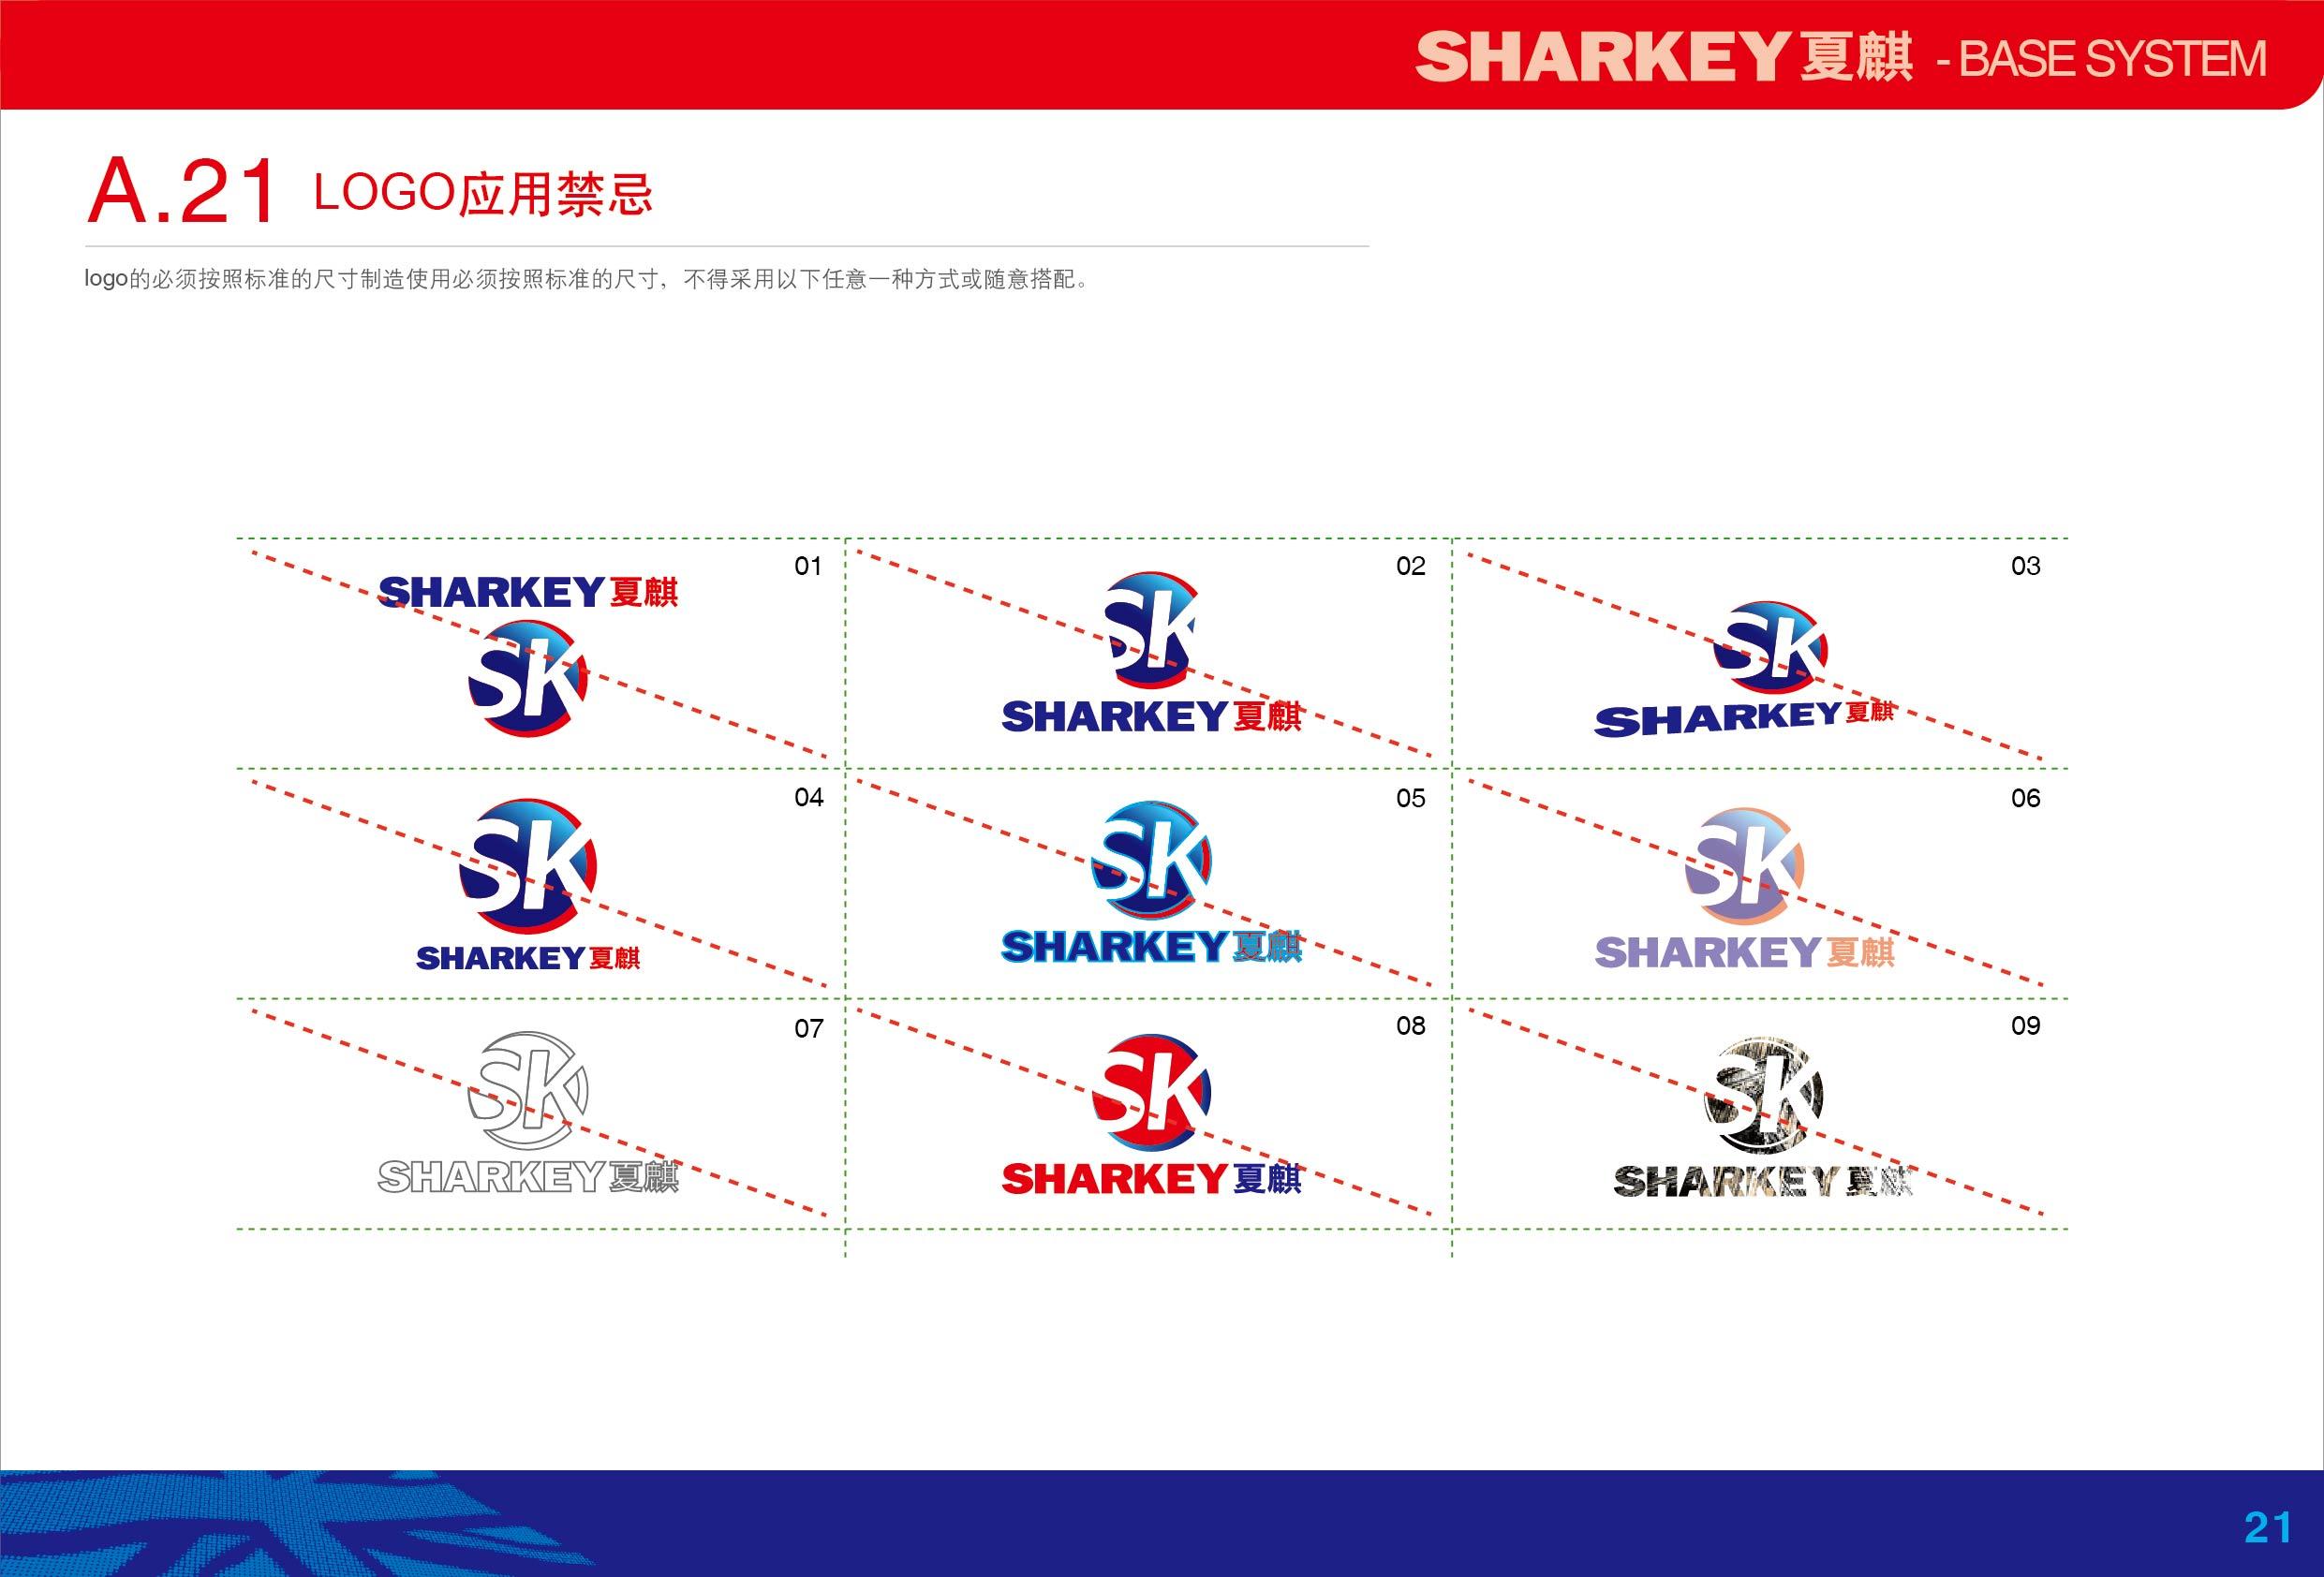 A夏麒logo-基础系统.aiA-22